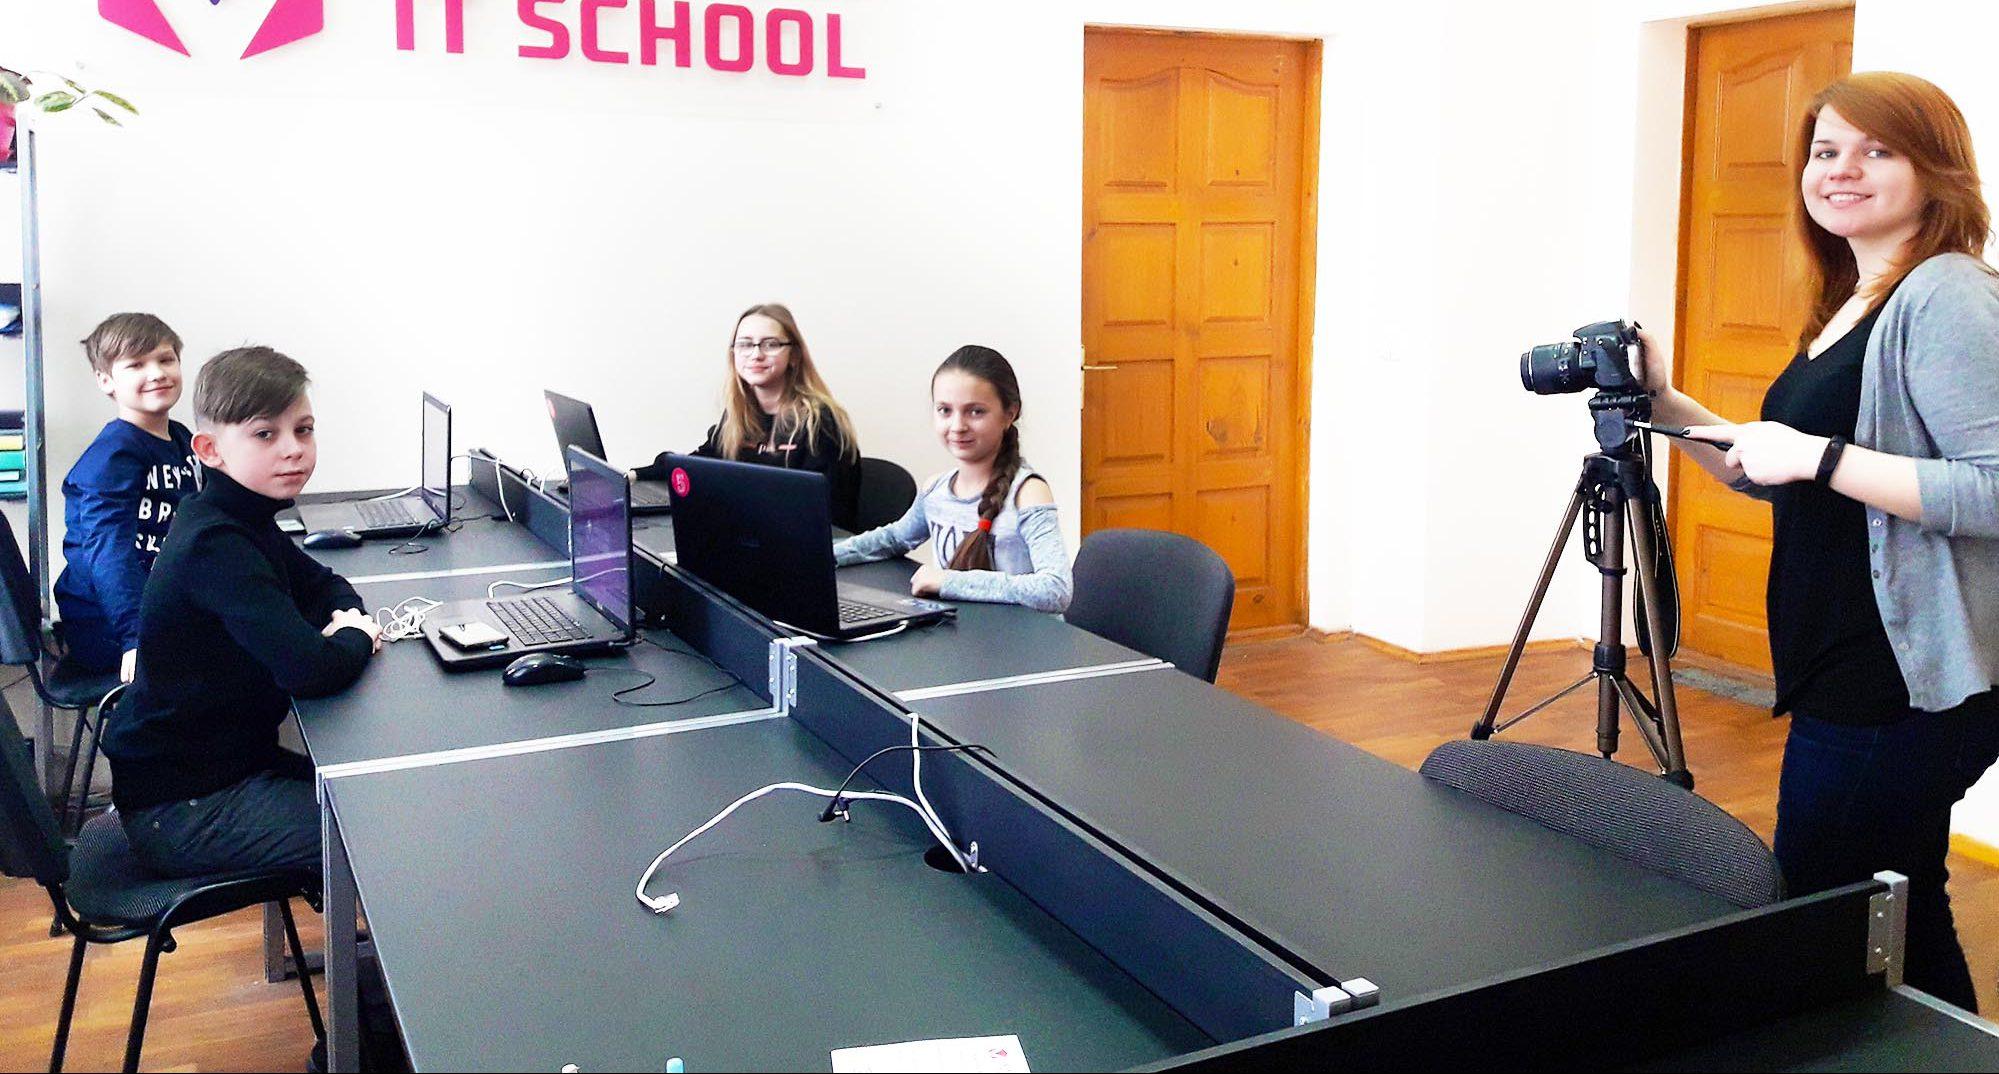 New IT School – це стиль життя сучасної молоді